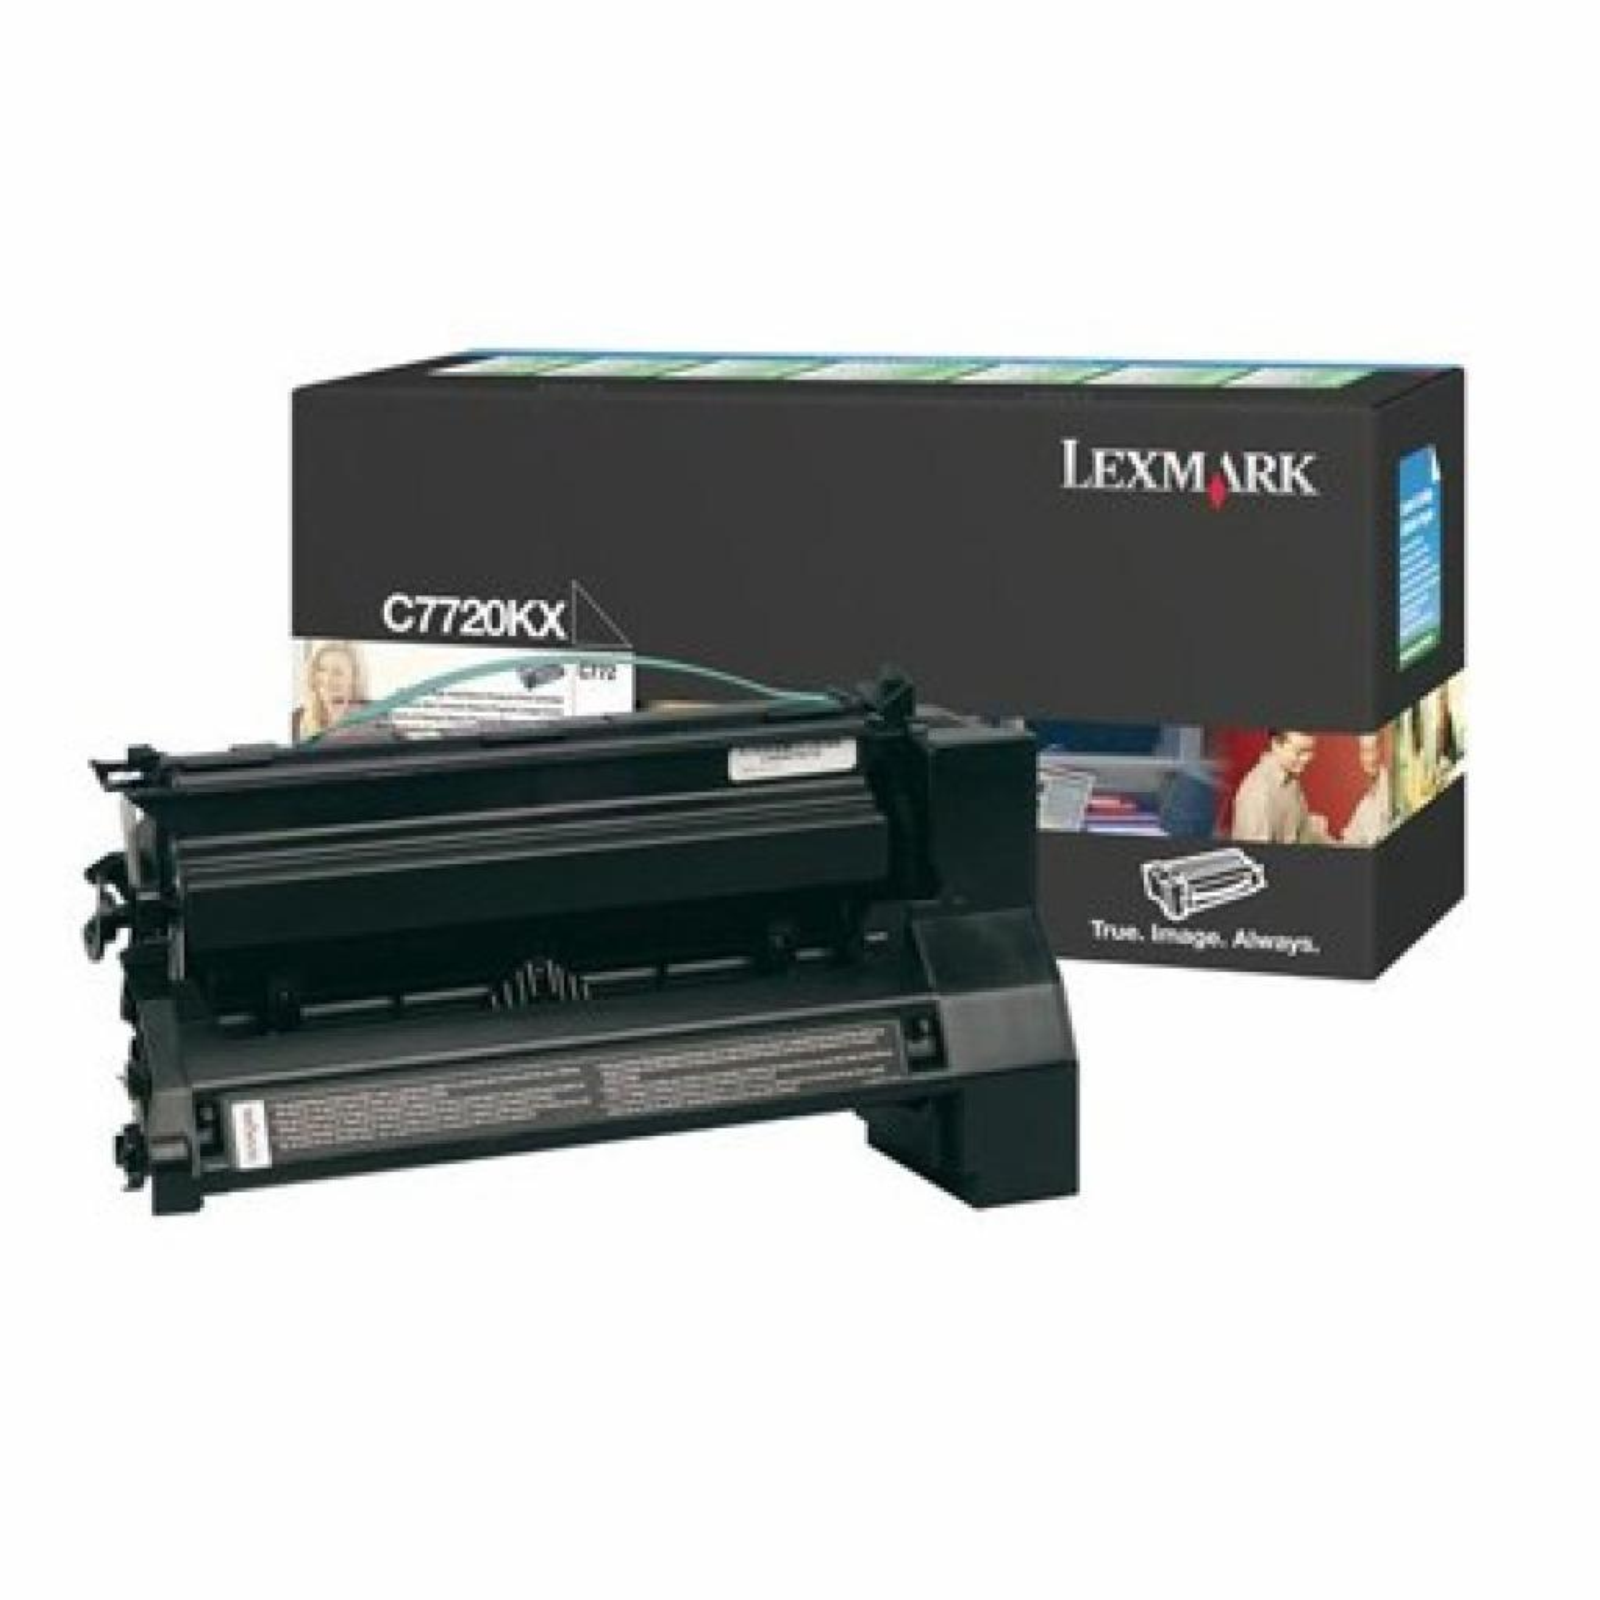 Картридж LEXMARK C77x Black 15k (C7720KX)